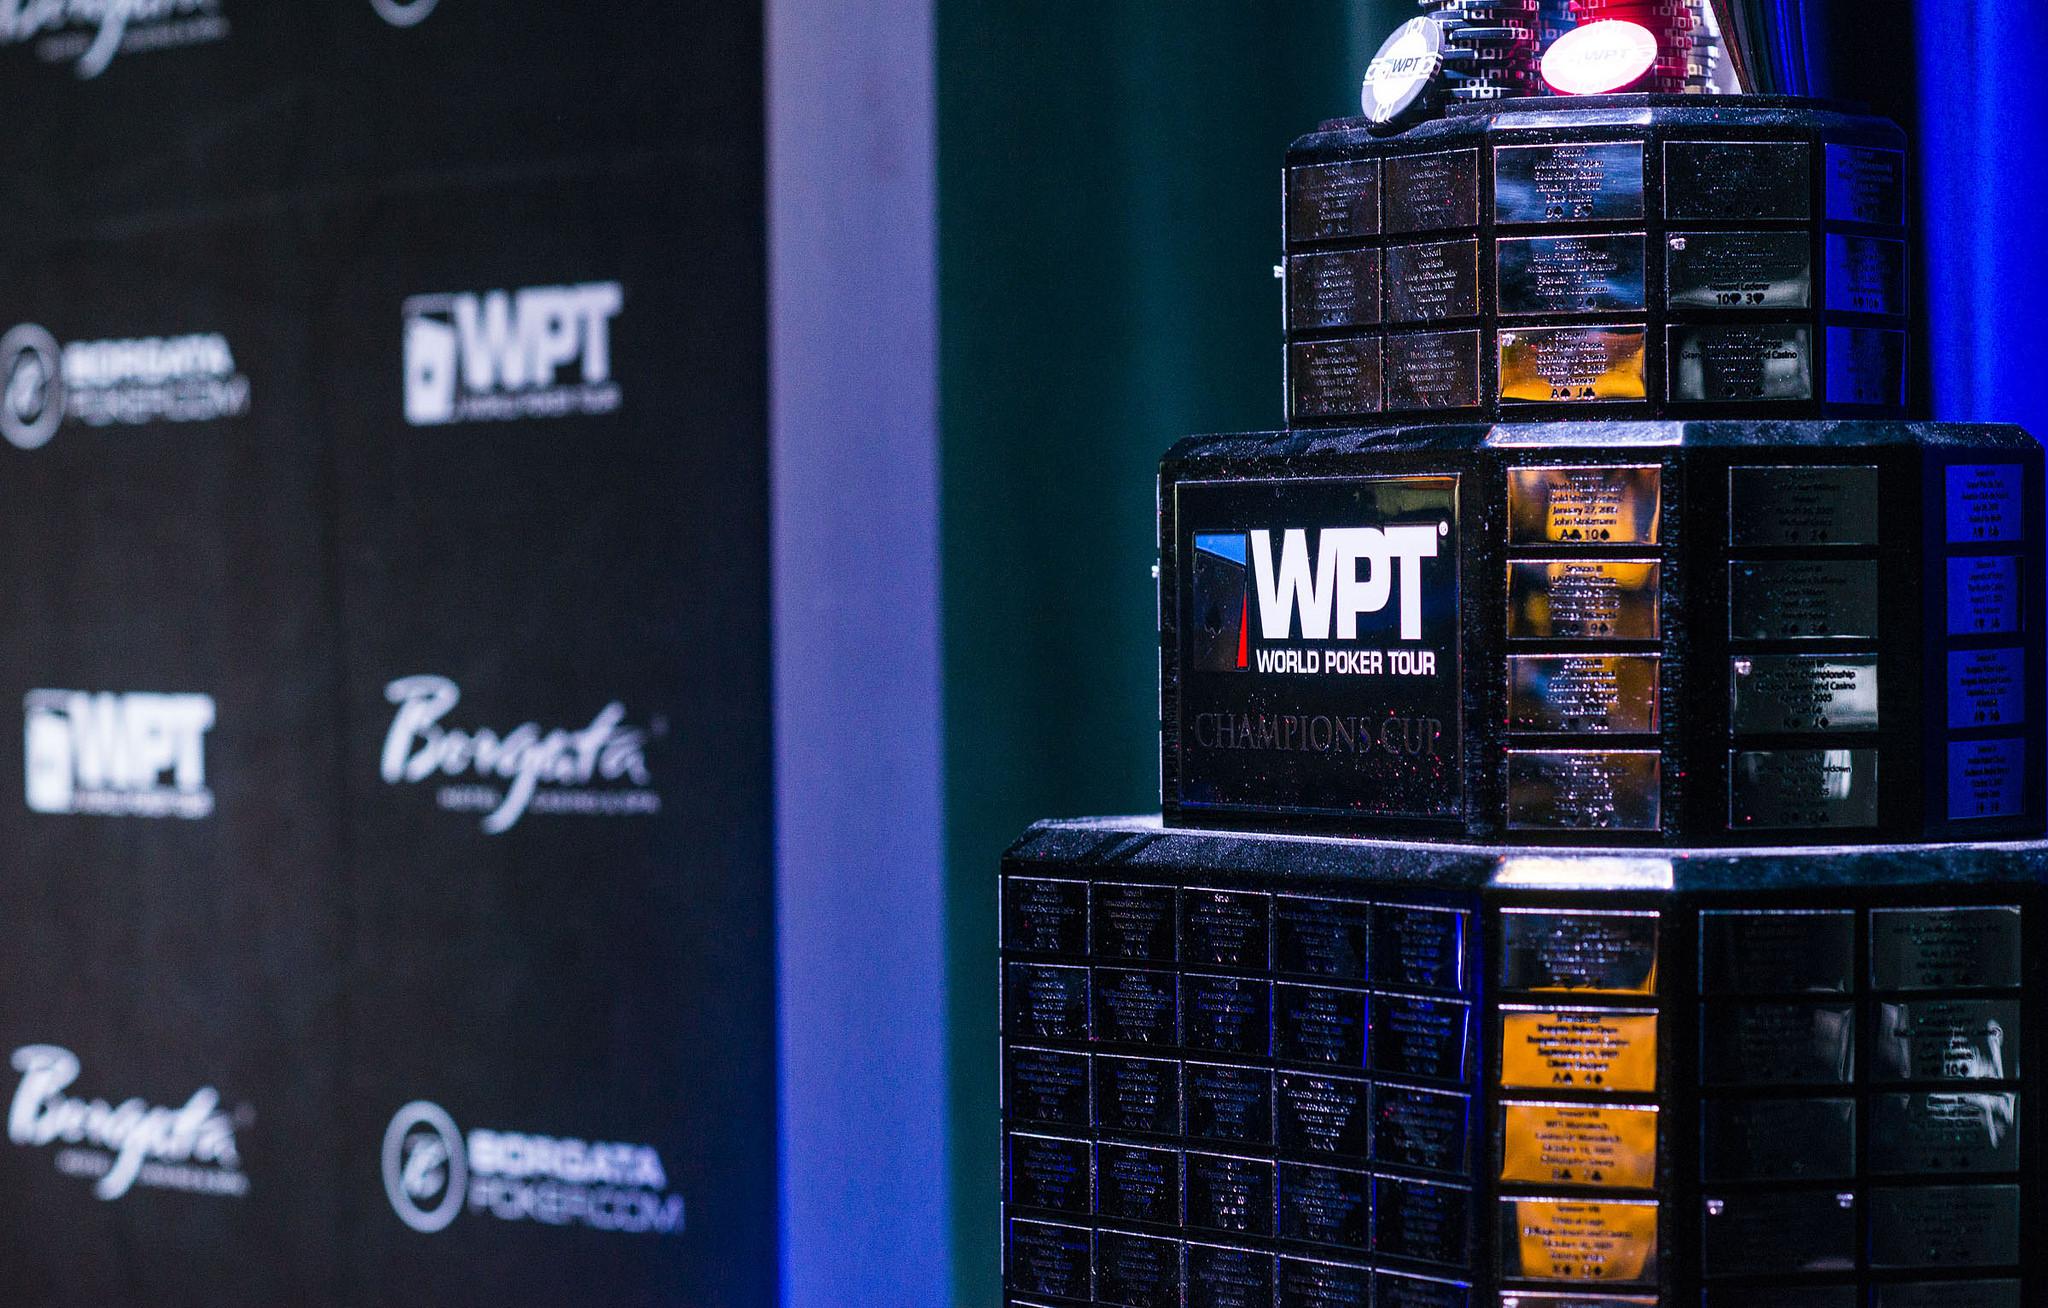 WPT Champions Cup Borgata